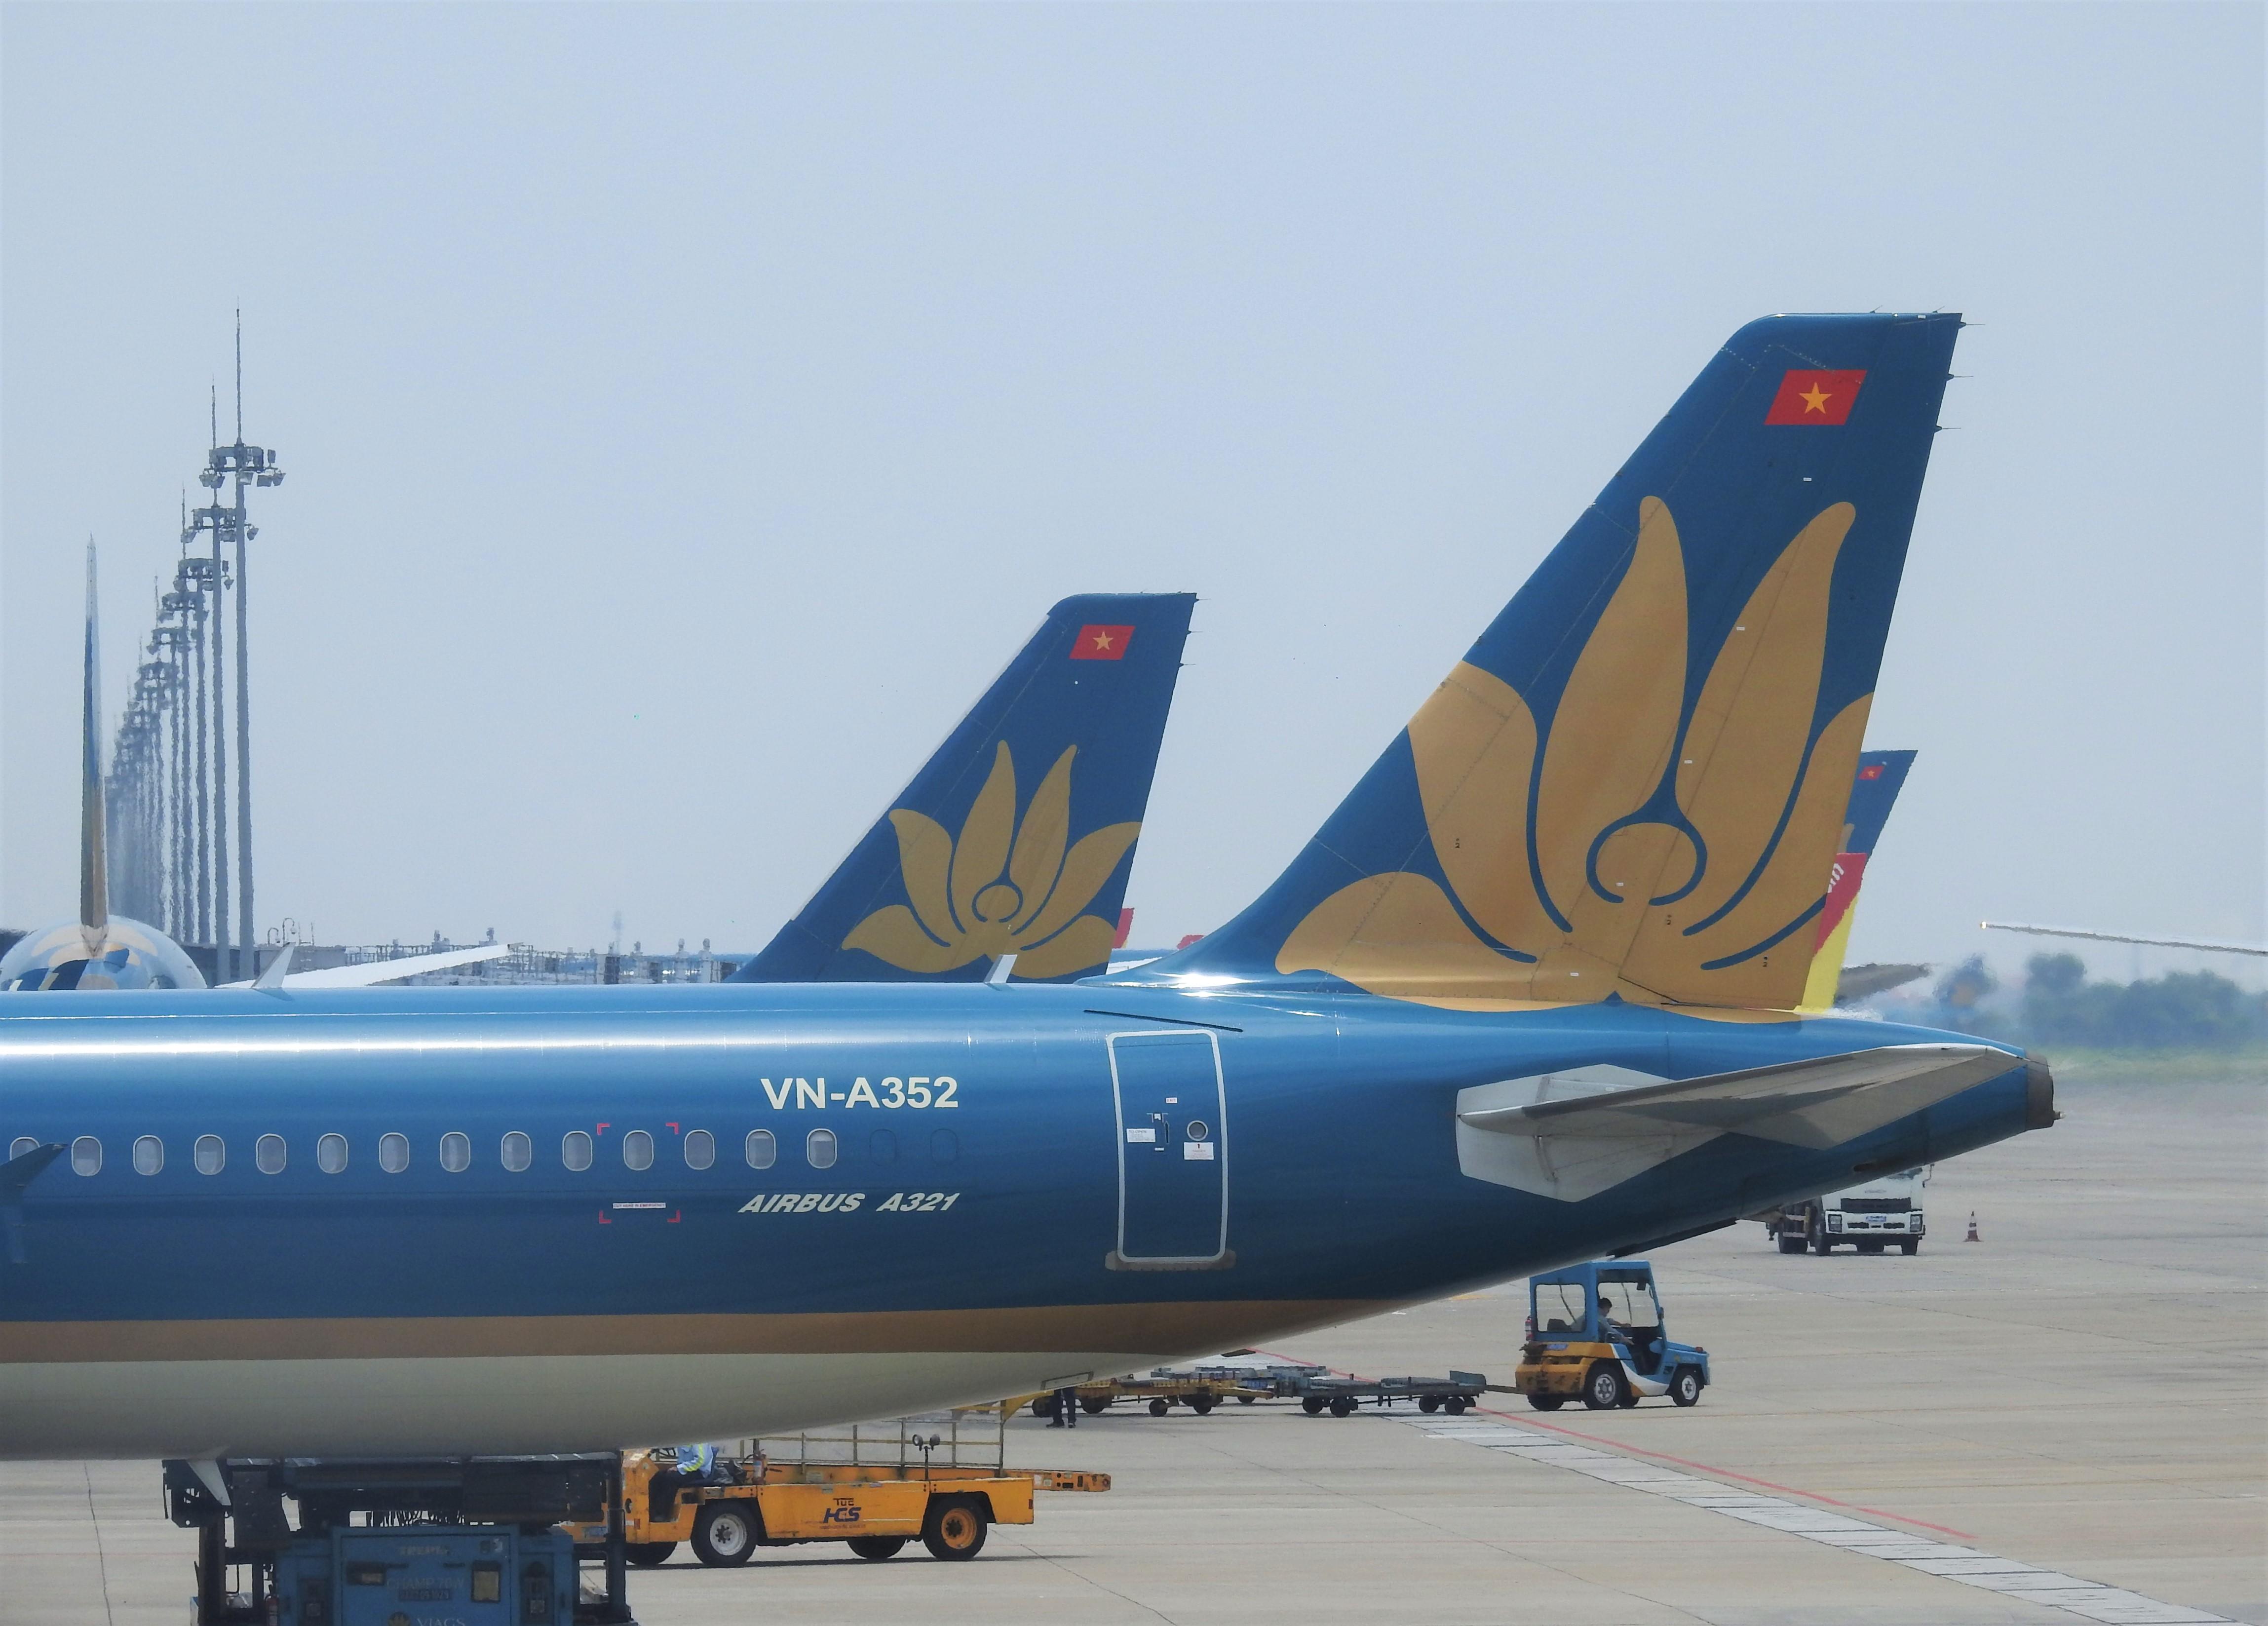 'Vietnam Airlines phải cải tổ để cạnh tranh, đừng đòi quay về thời độc quyền như trước' - Ảnh 1.